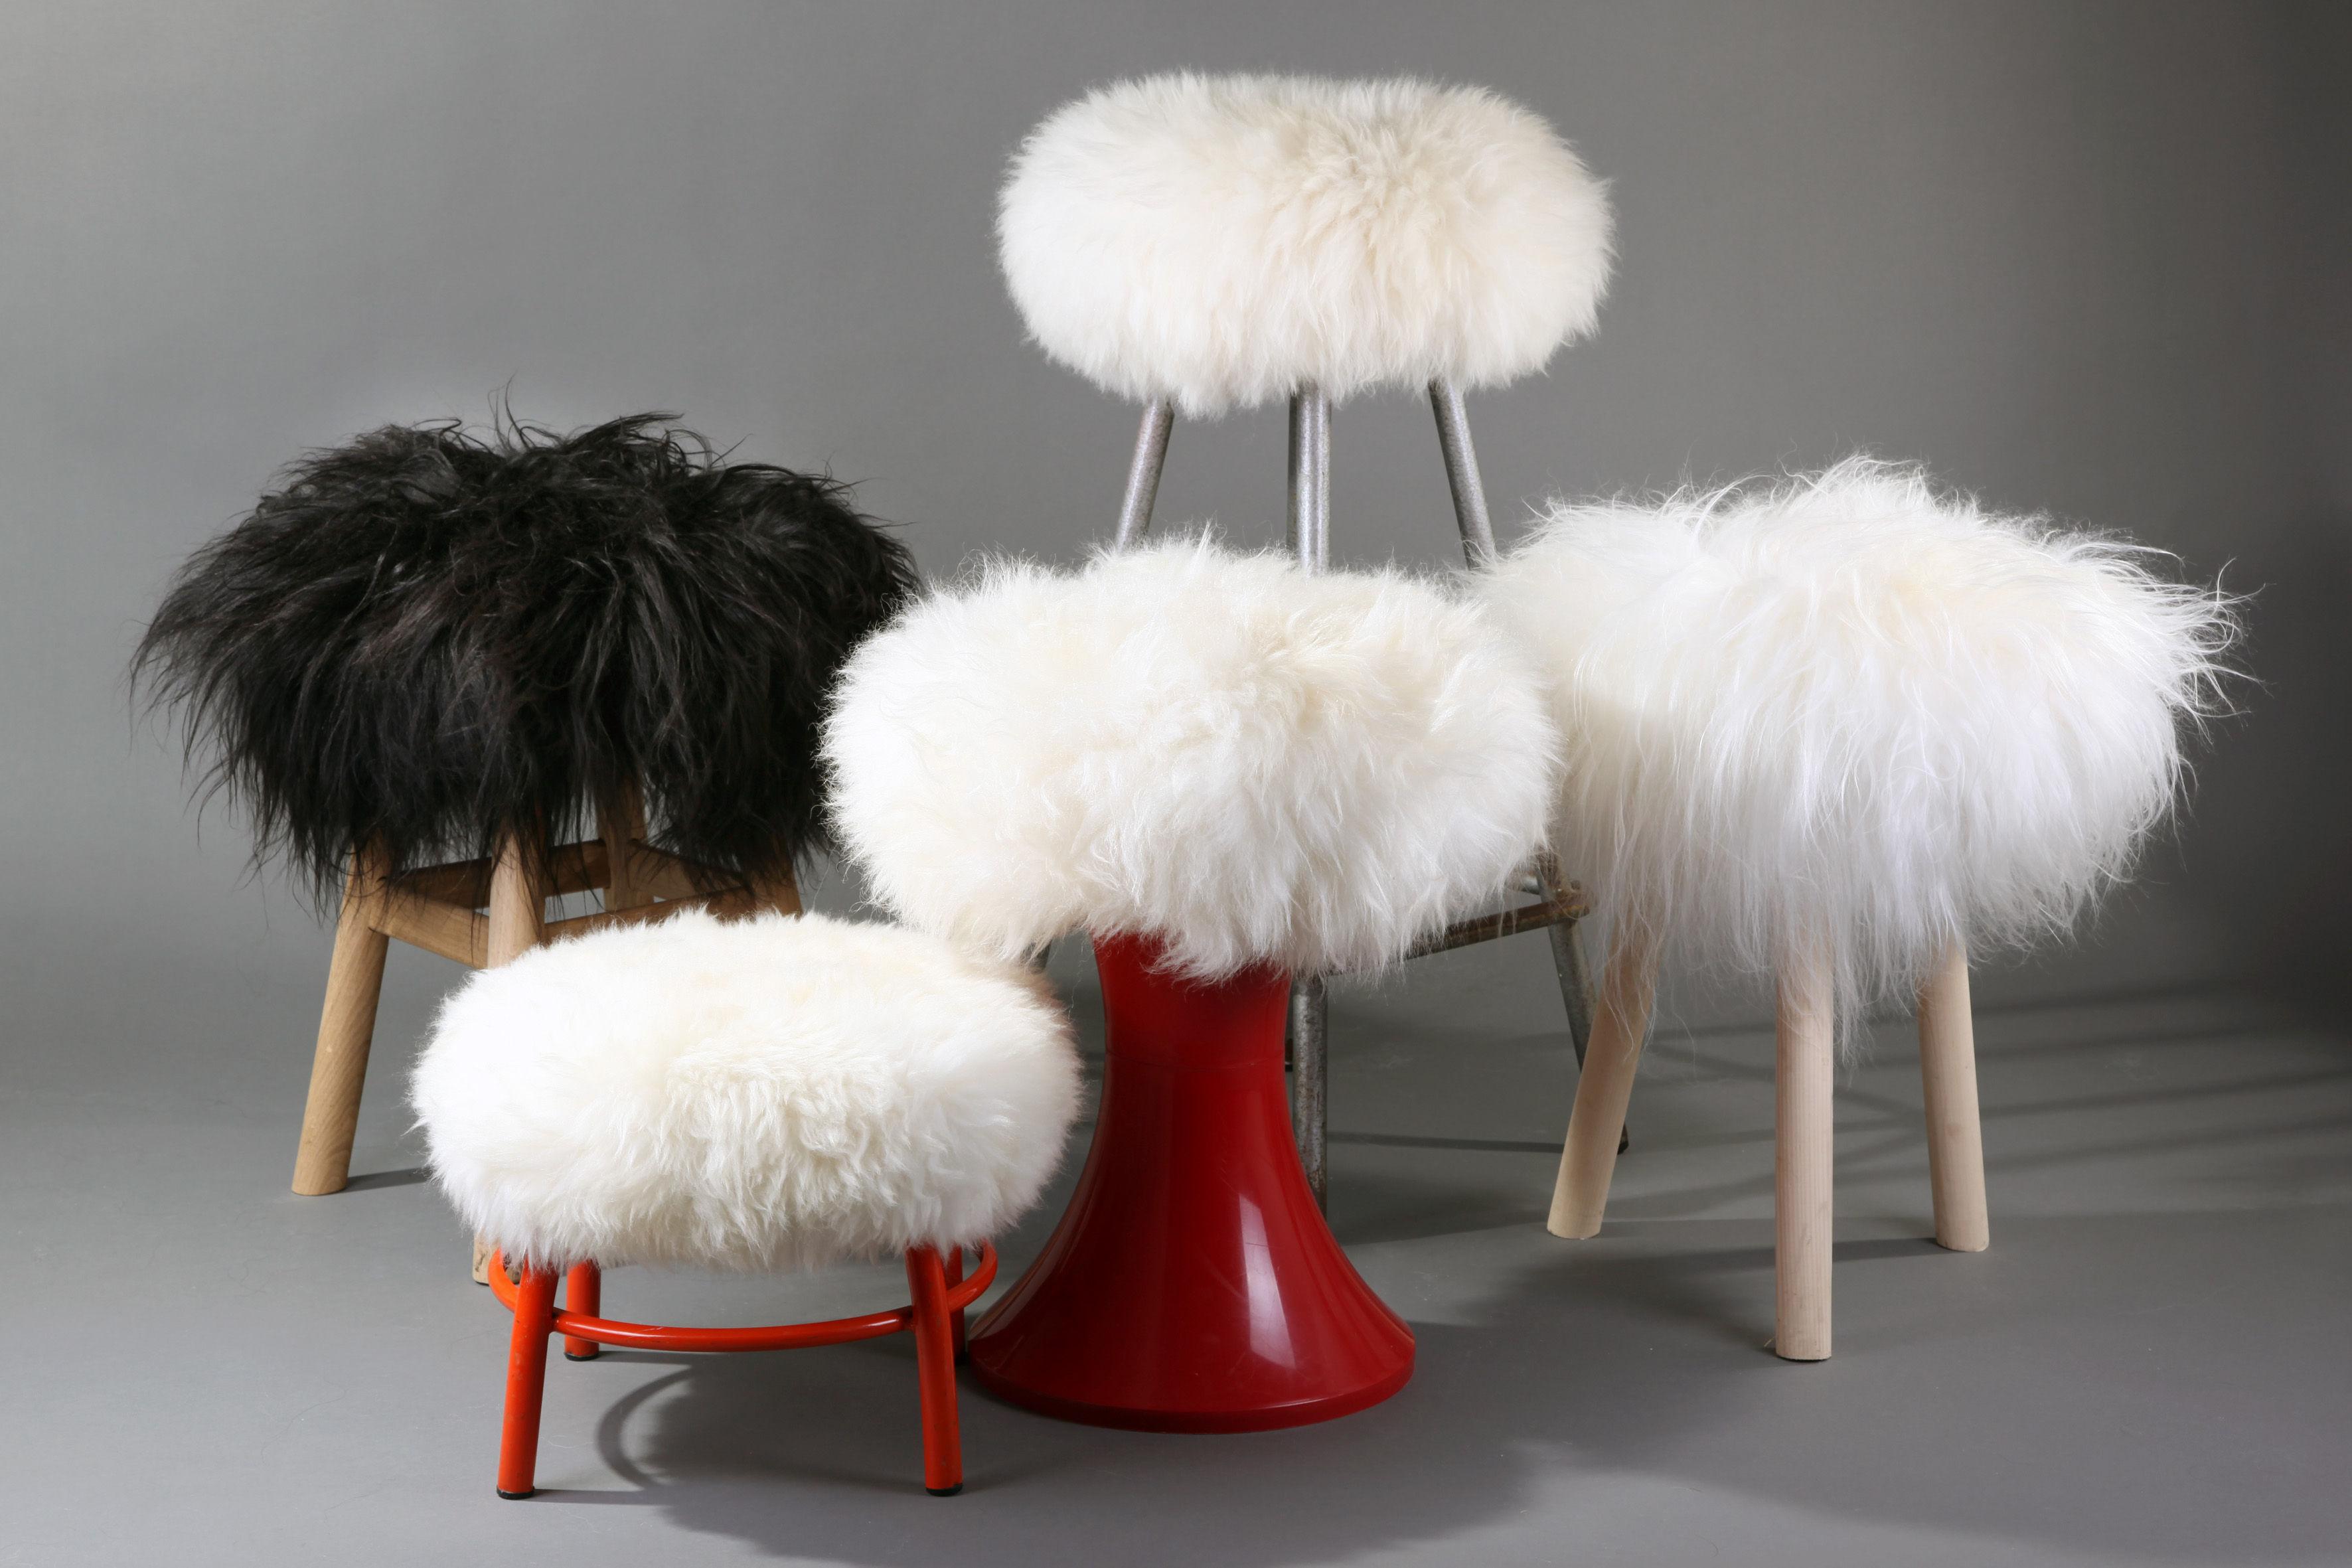 housse de tabouret top moumoute peau de mouton v ritable. Black Bedroom Furniture Sets. Home Design Ideas